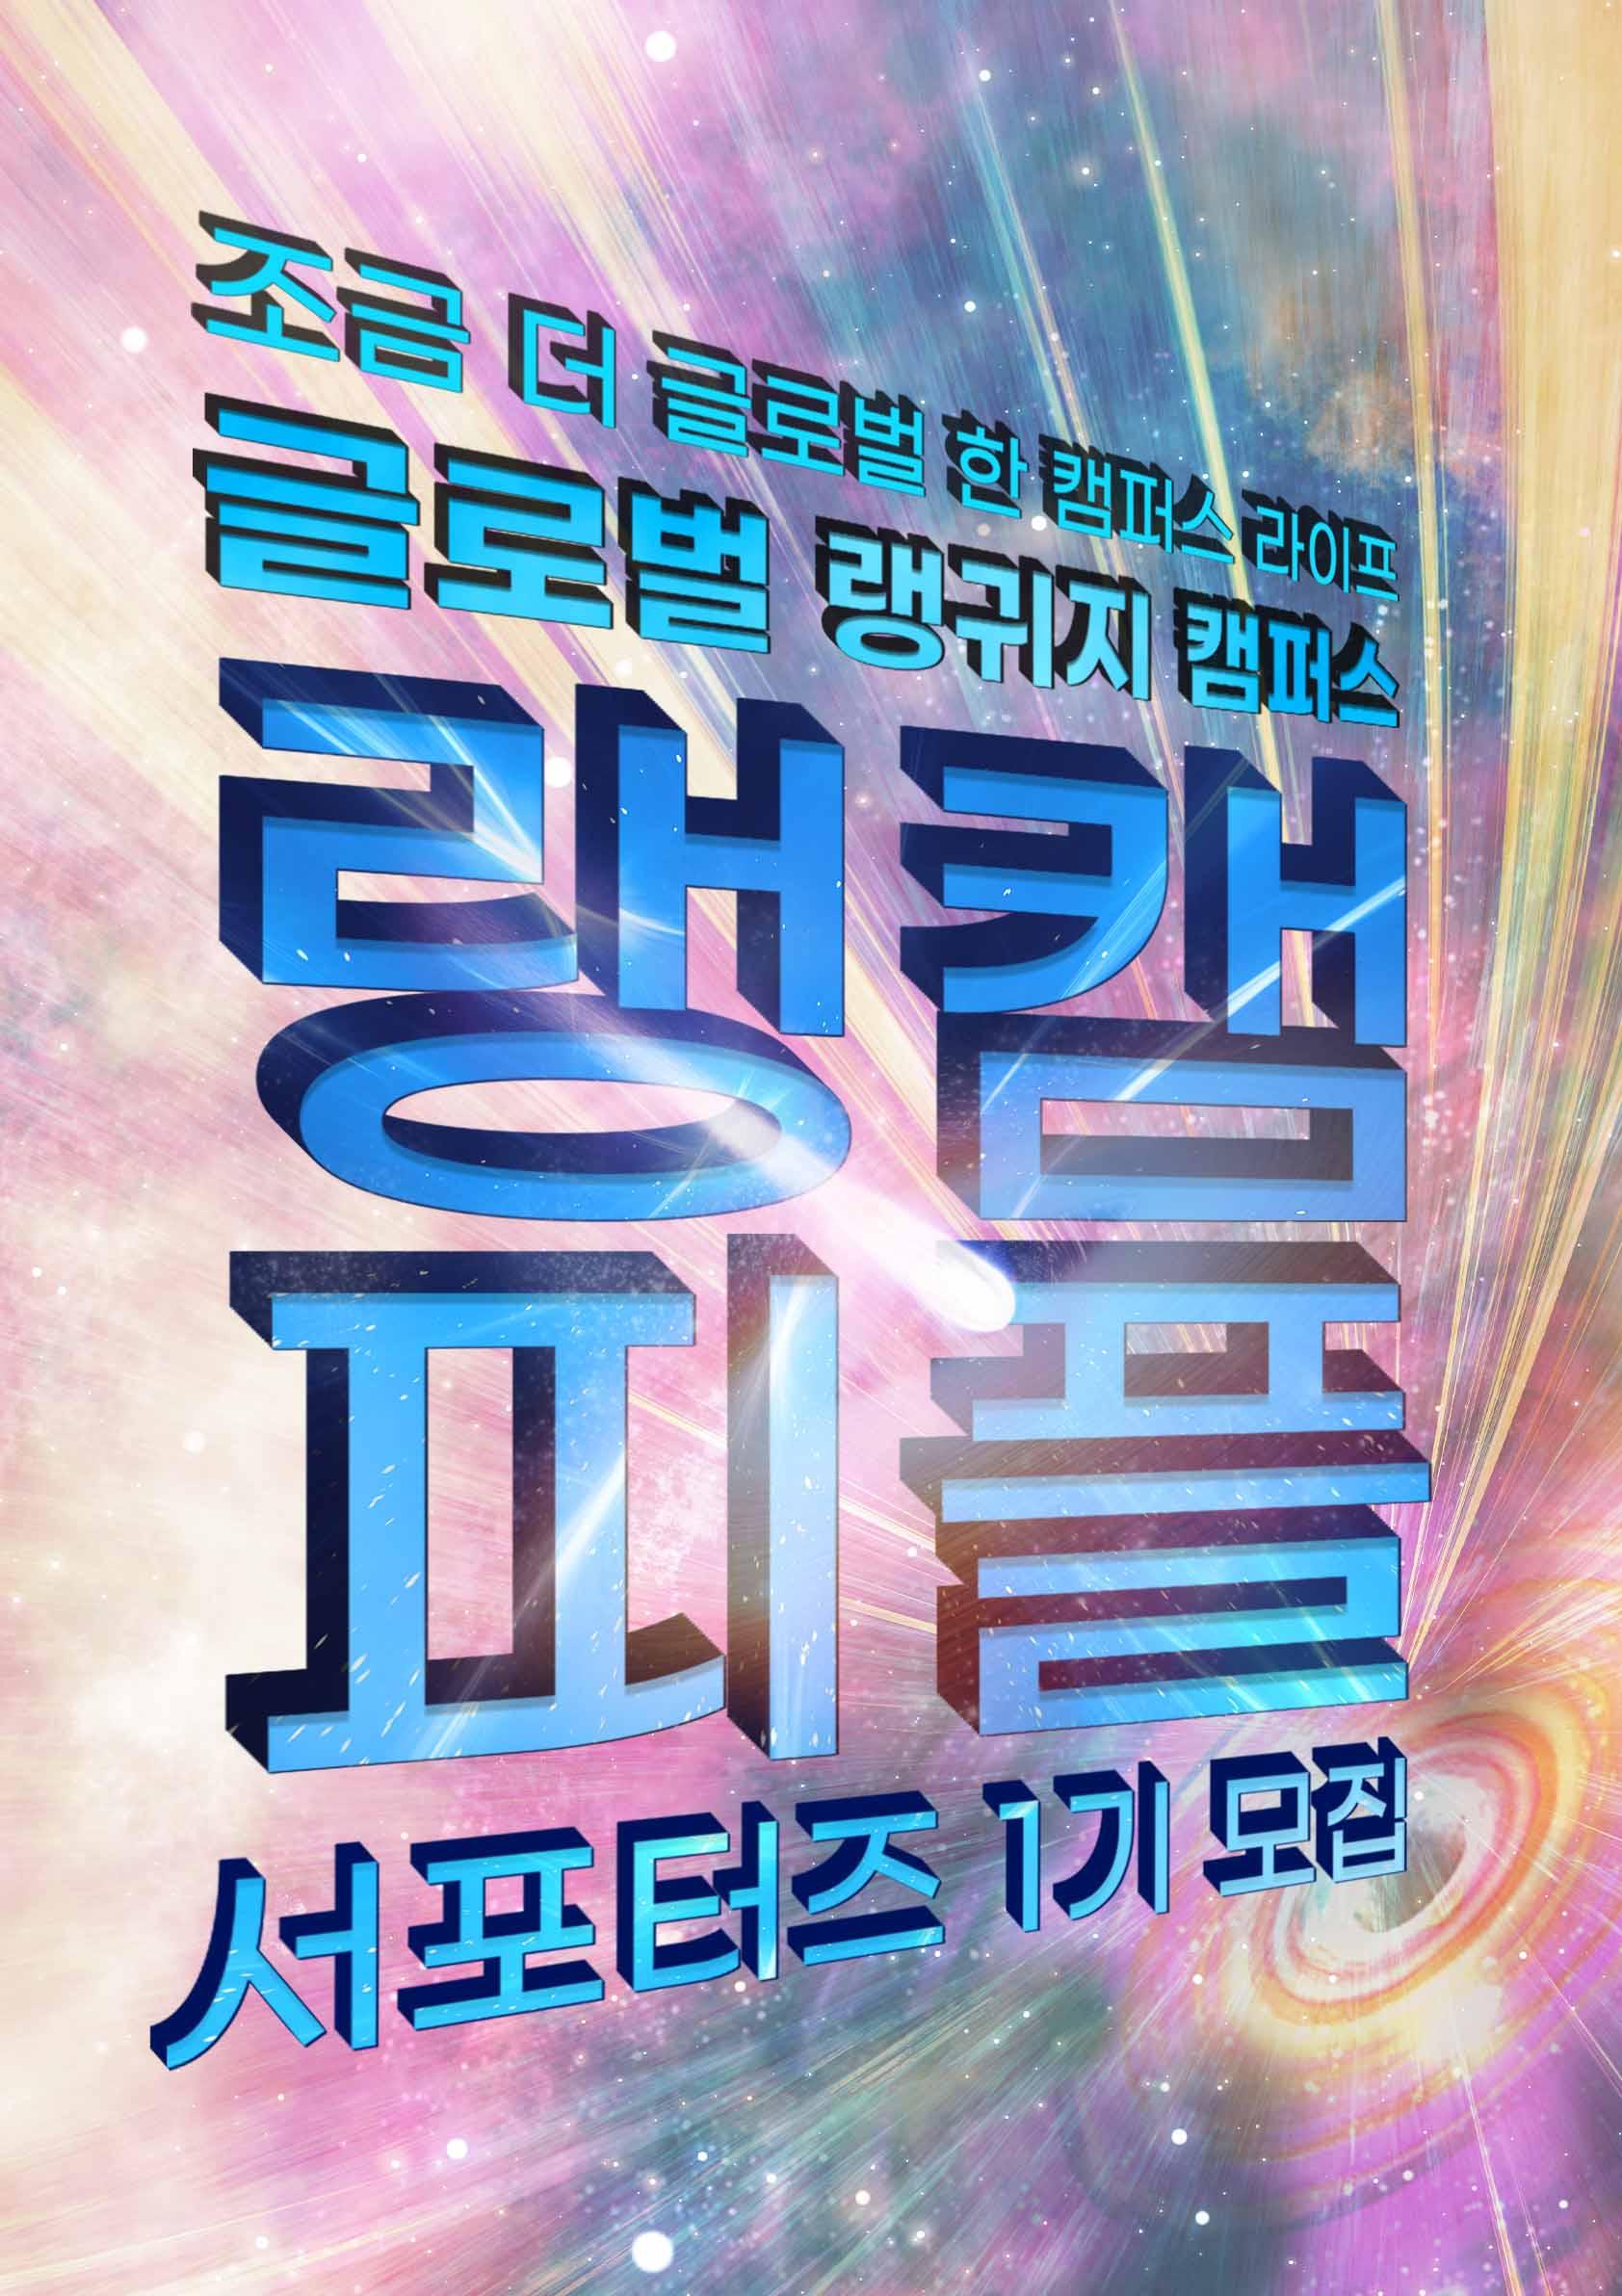 글로벌 랭귀지 캠퍼스, 랭캠피플 서포터즈 1기 모집